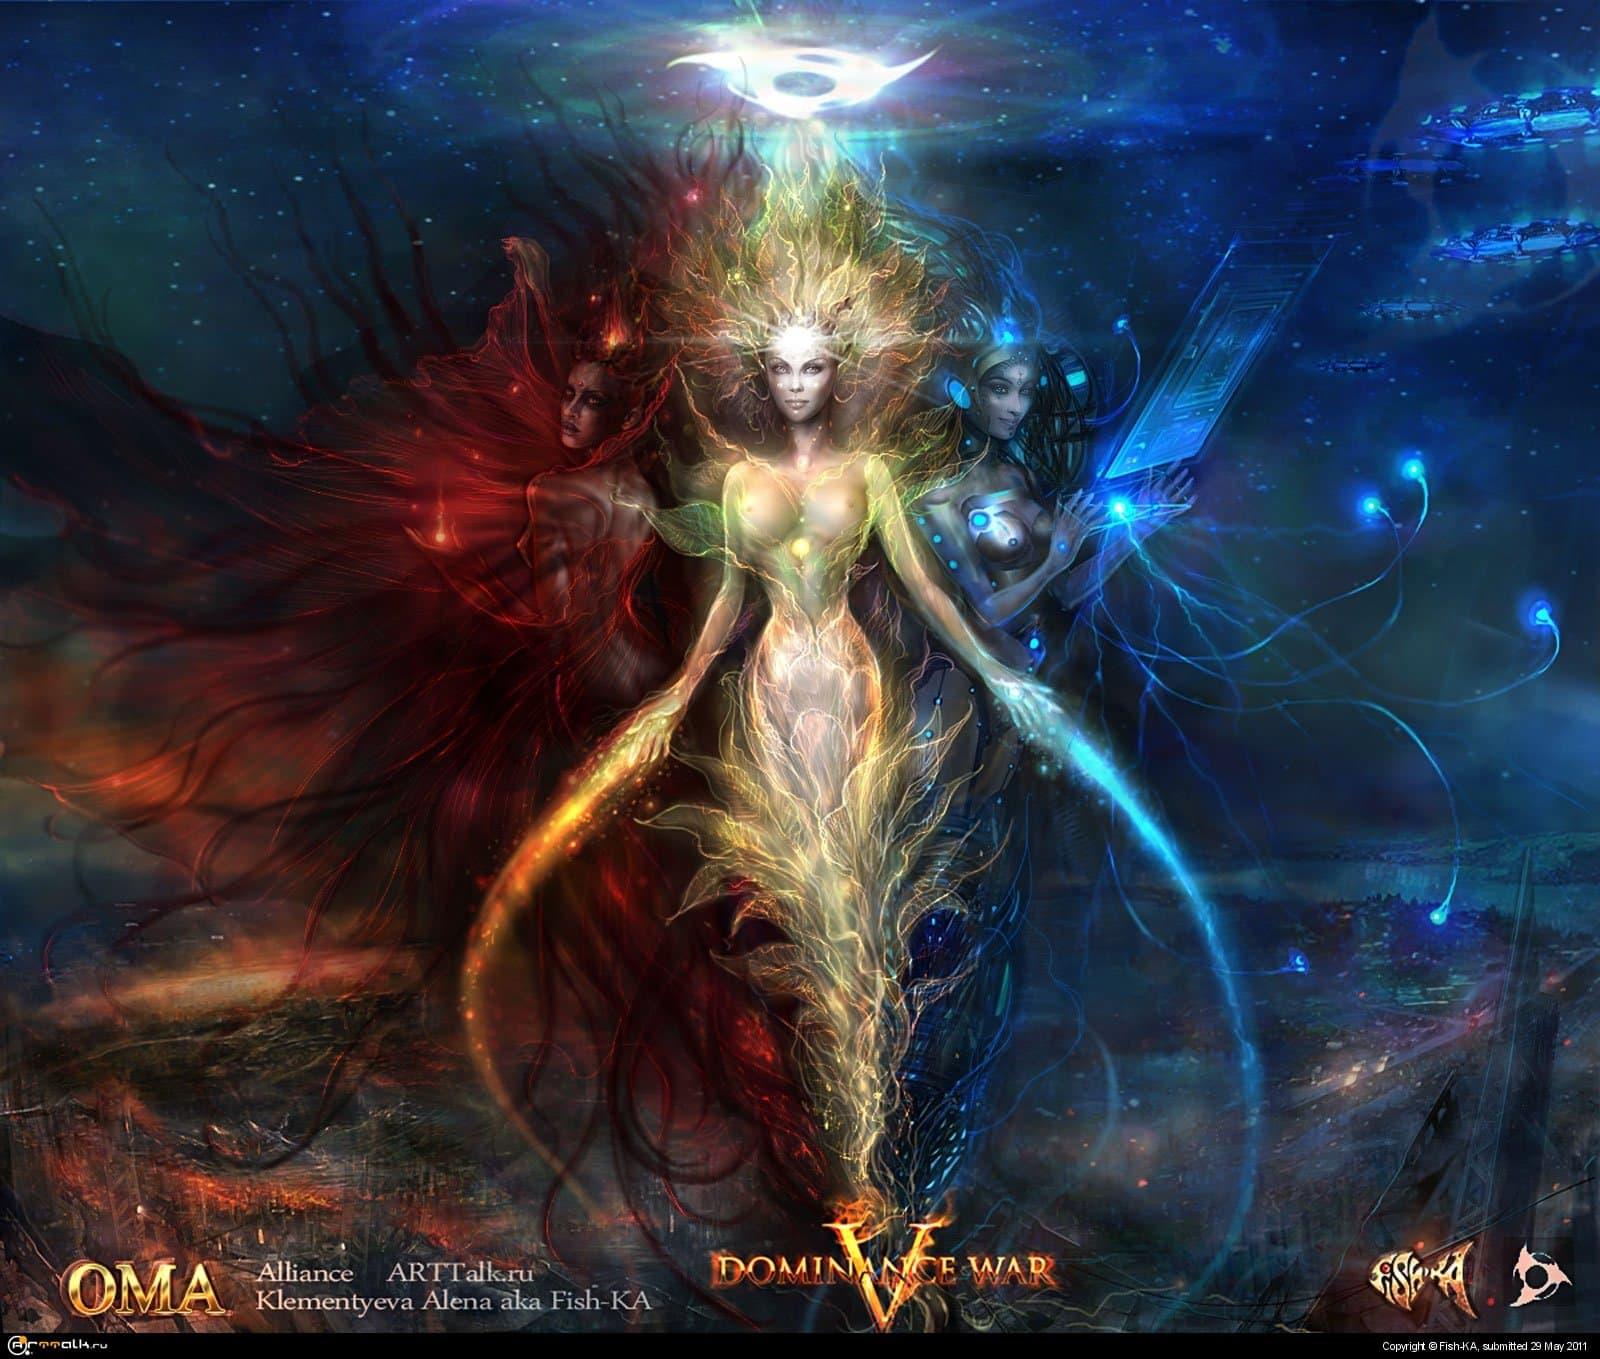 Богиня ОМА.Богиня возрождения к жизни погибающих апокалиптических миров.